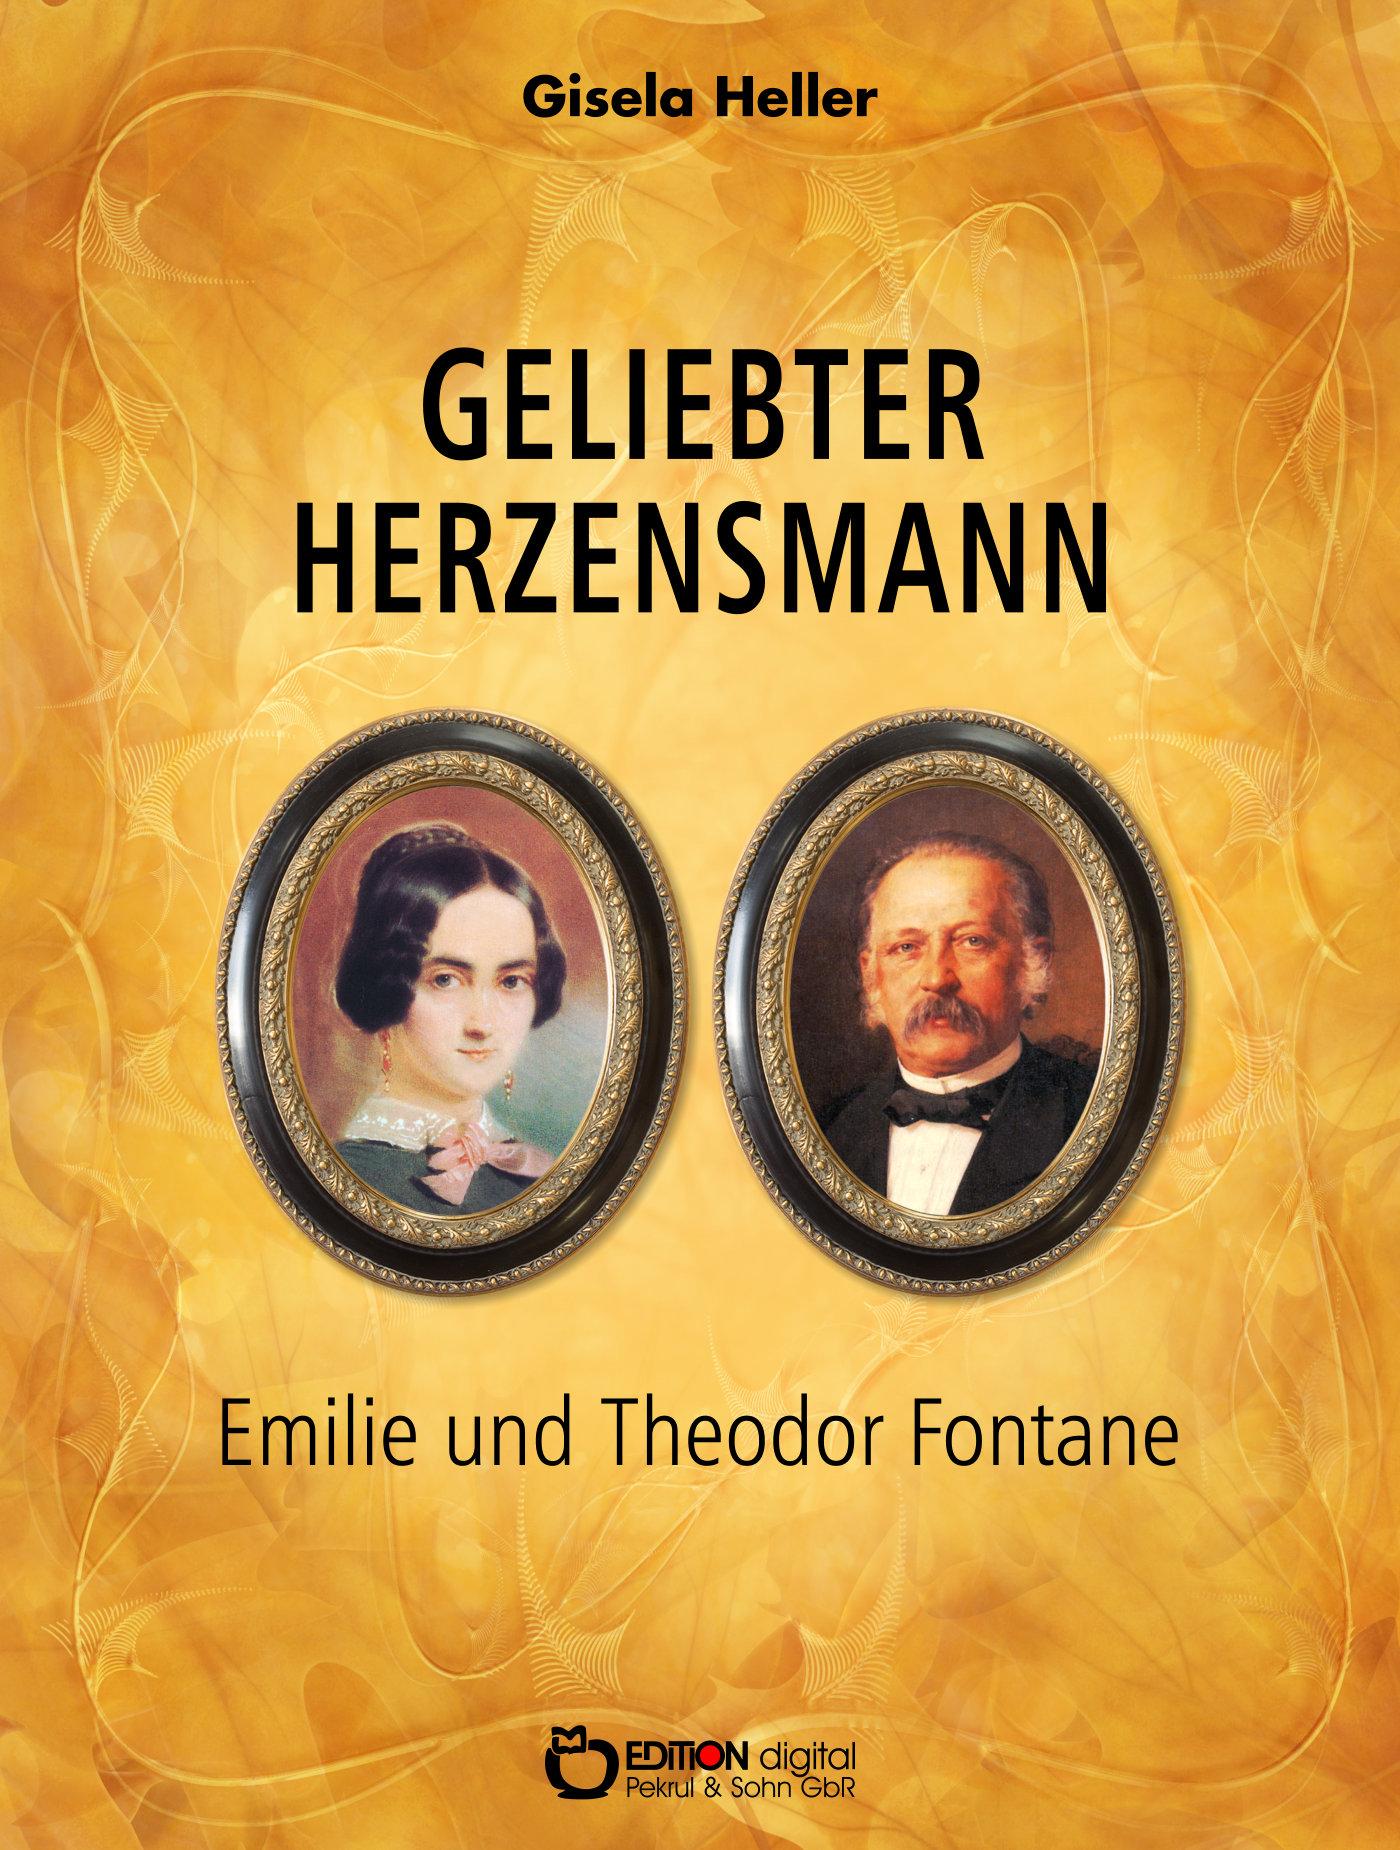 Geliebter Herzensmann. Emile und Theodor Fontane. Biografische Erzählung von Gisela Heller